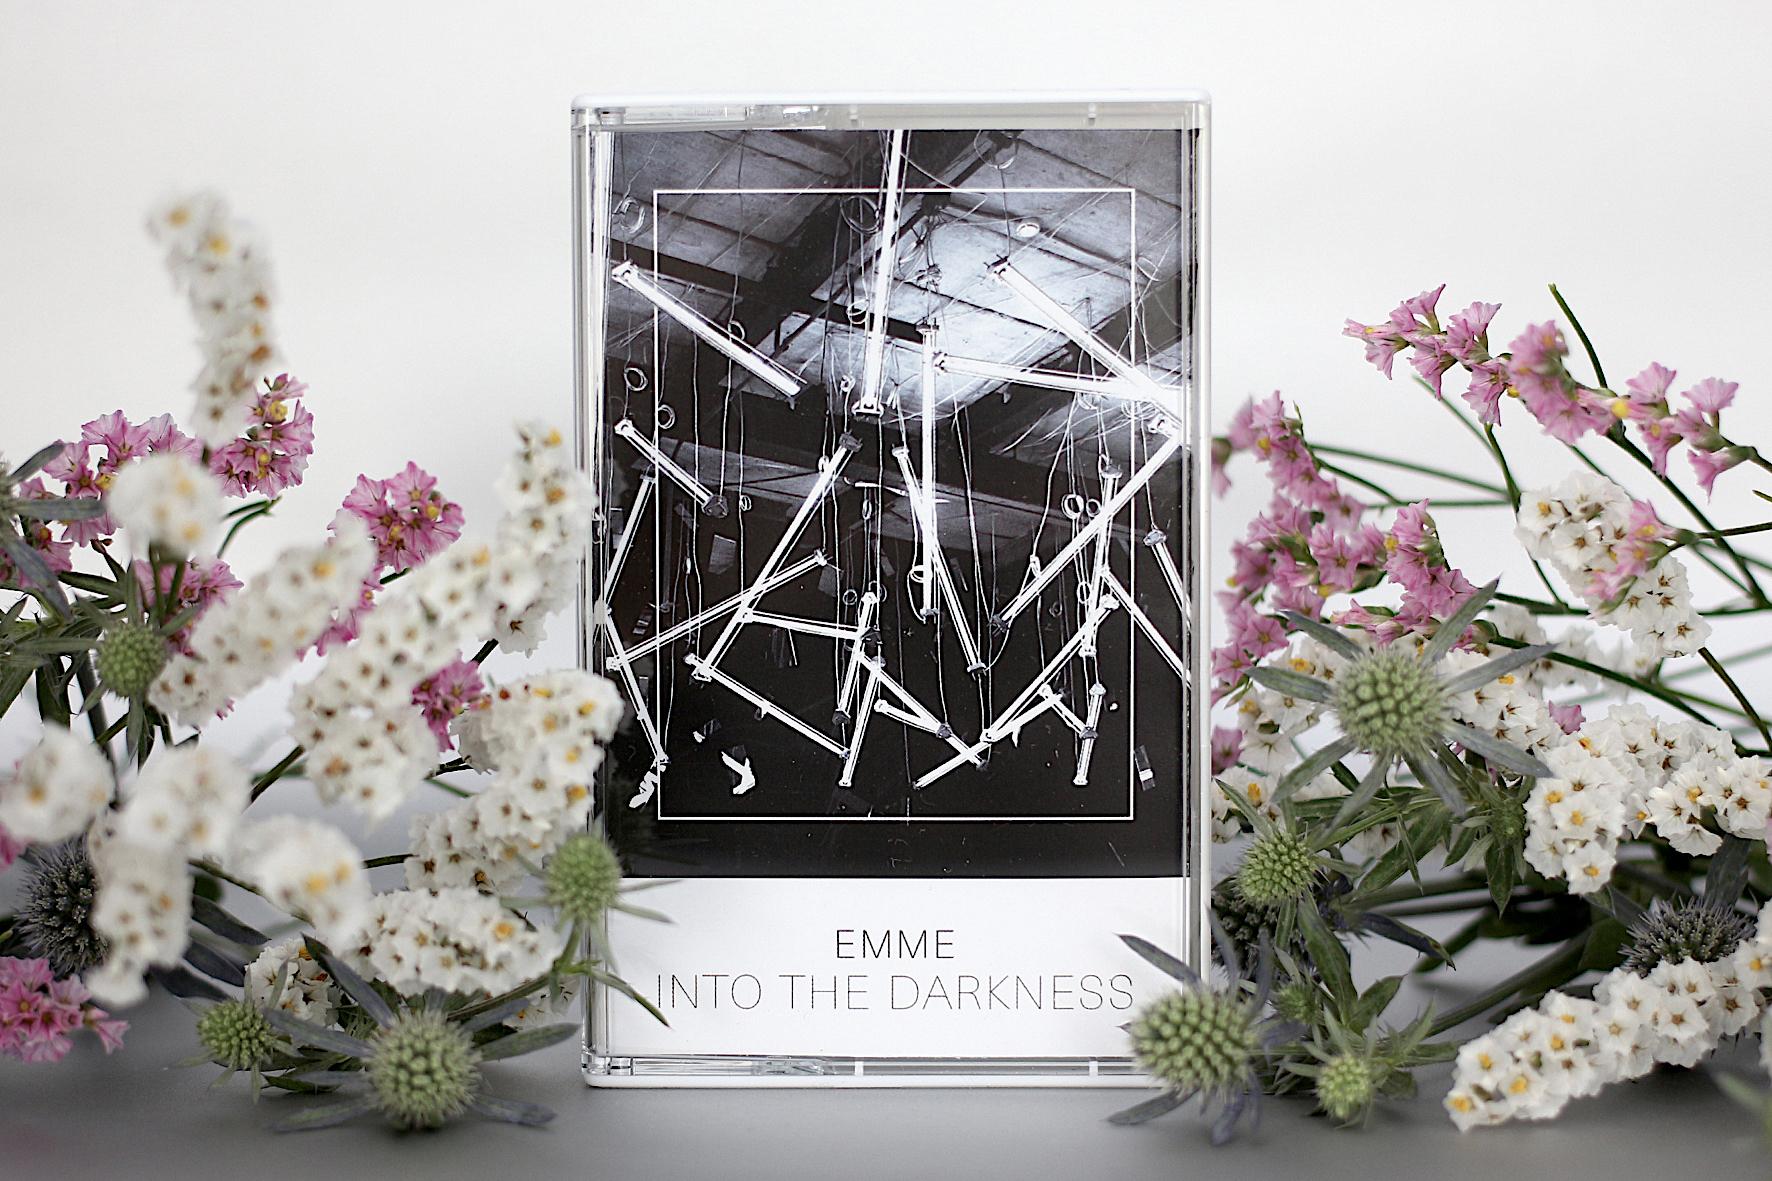 EMME-ITD_0001_IMG_3109.jpg